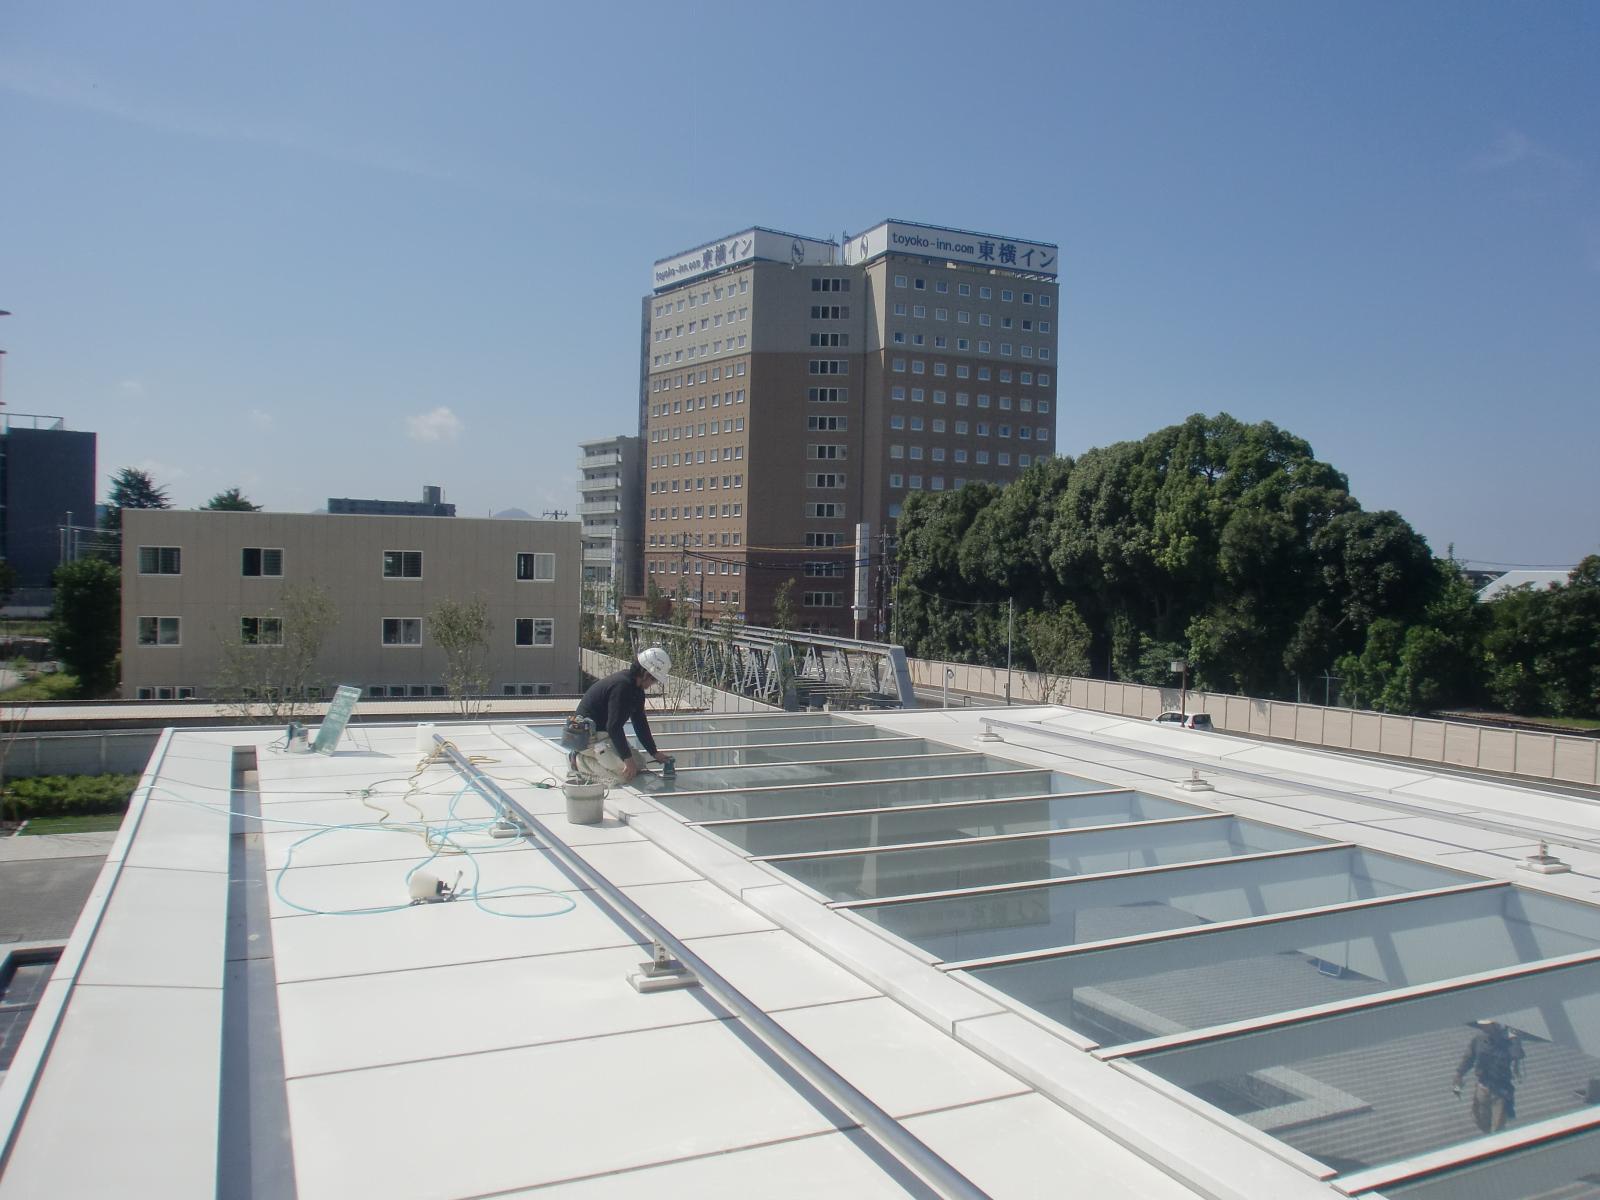 某研究施設キャノピー ハイドロテクト ガラスコーティング